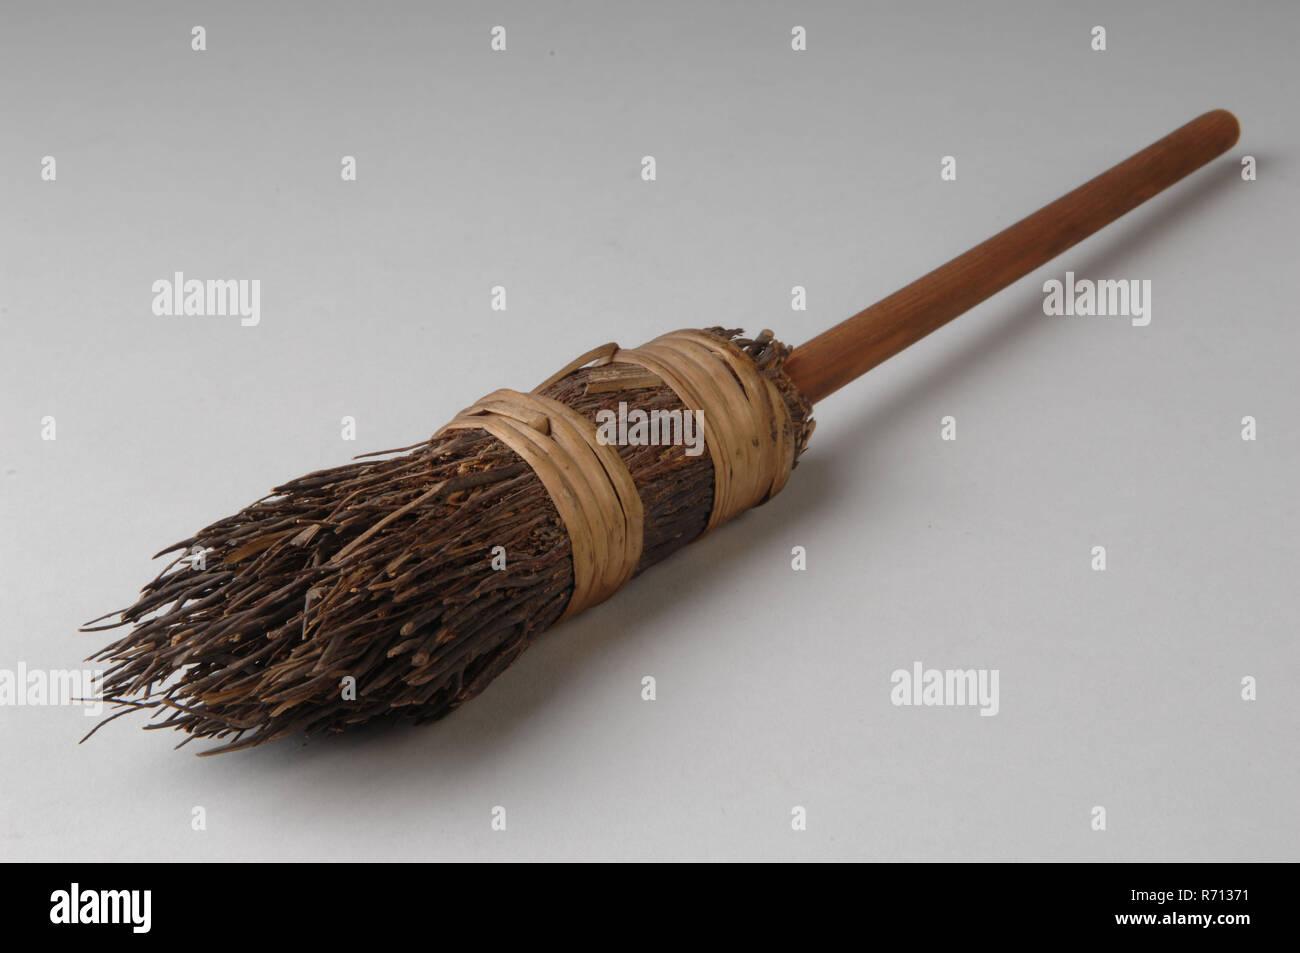 Te Poel Holz Miniatur Hexen Besen Besen Miniatur Kuchengerate